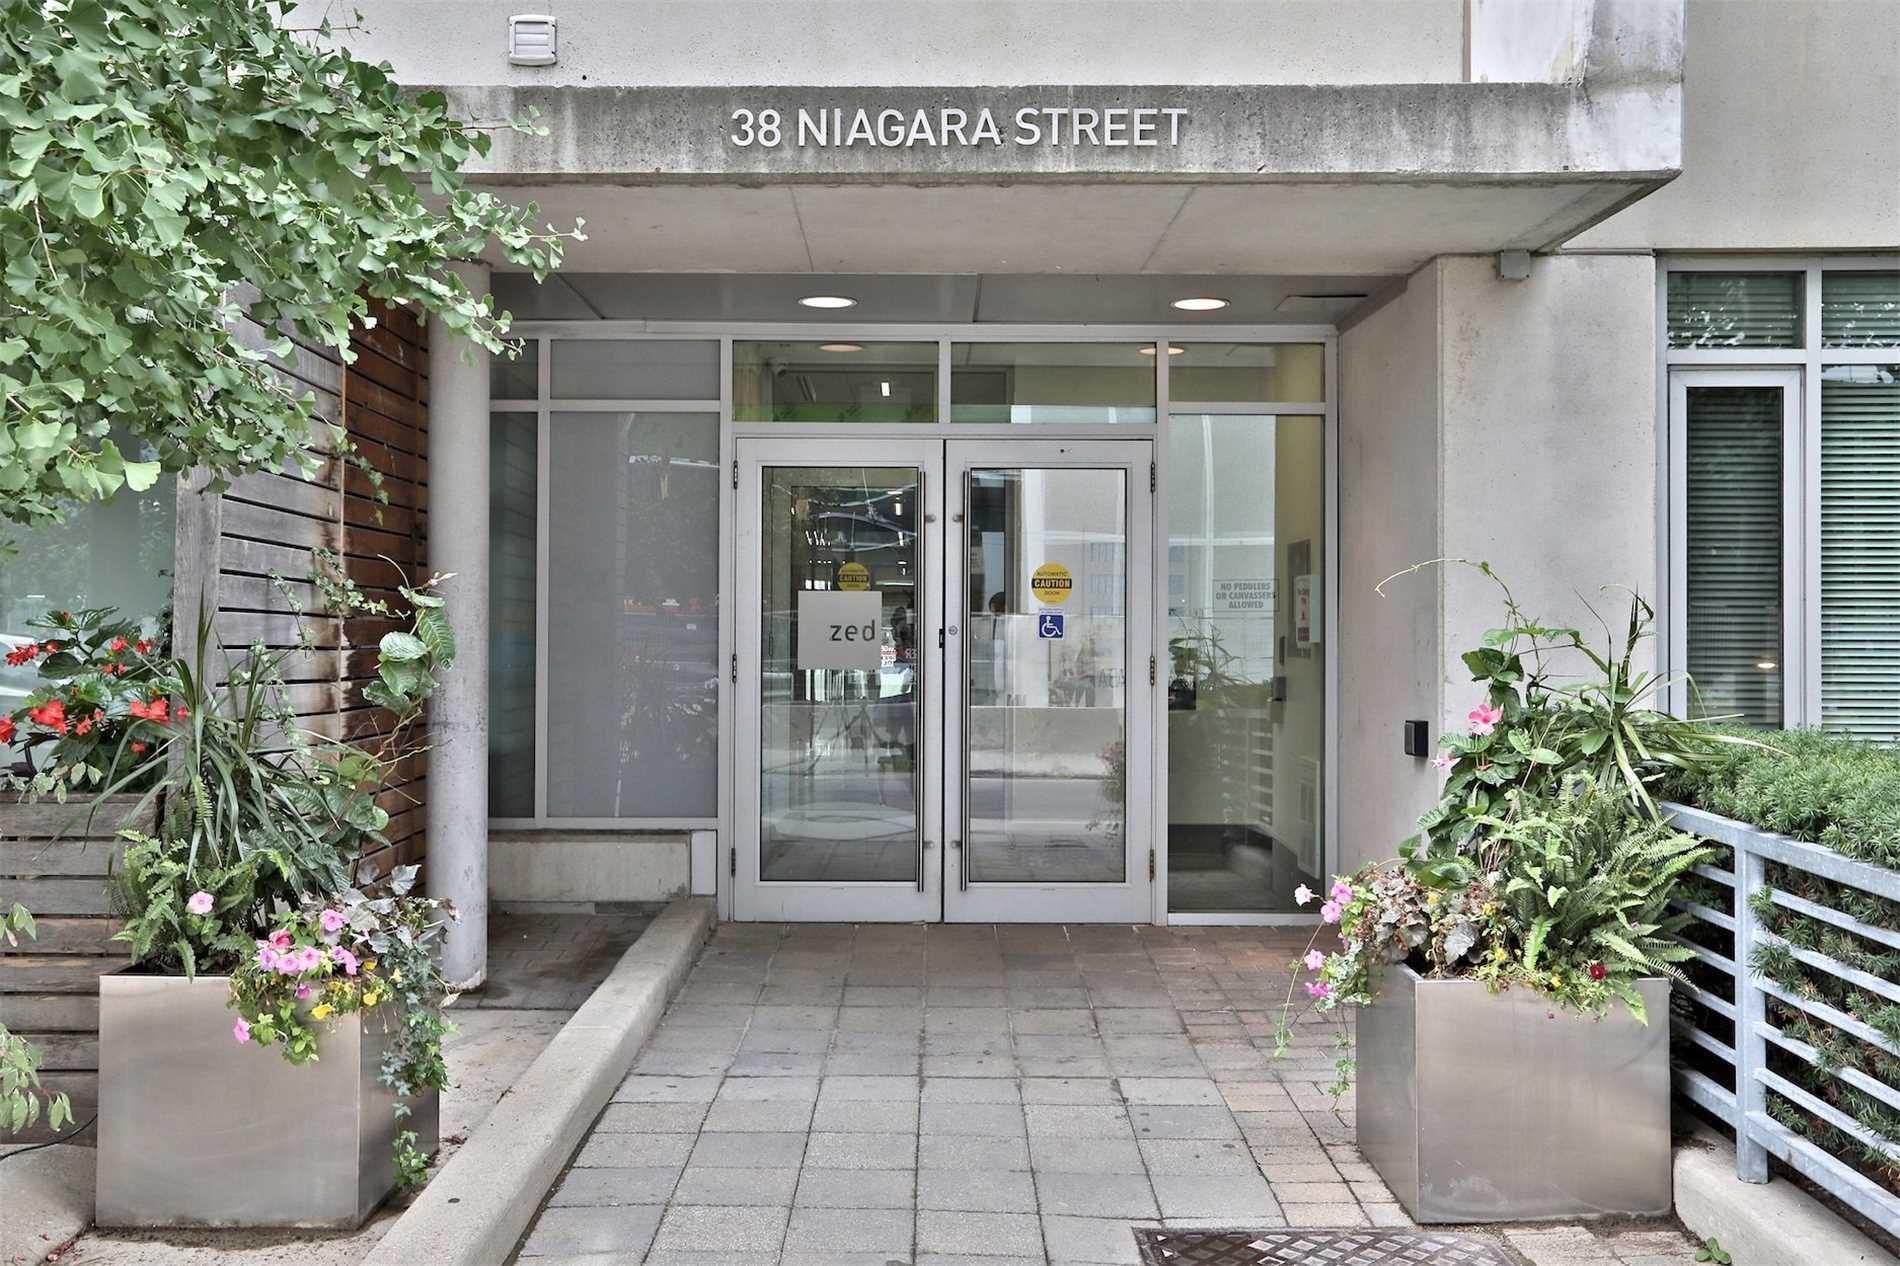 38 Niagara Street, Penthouse #5